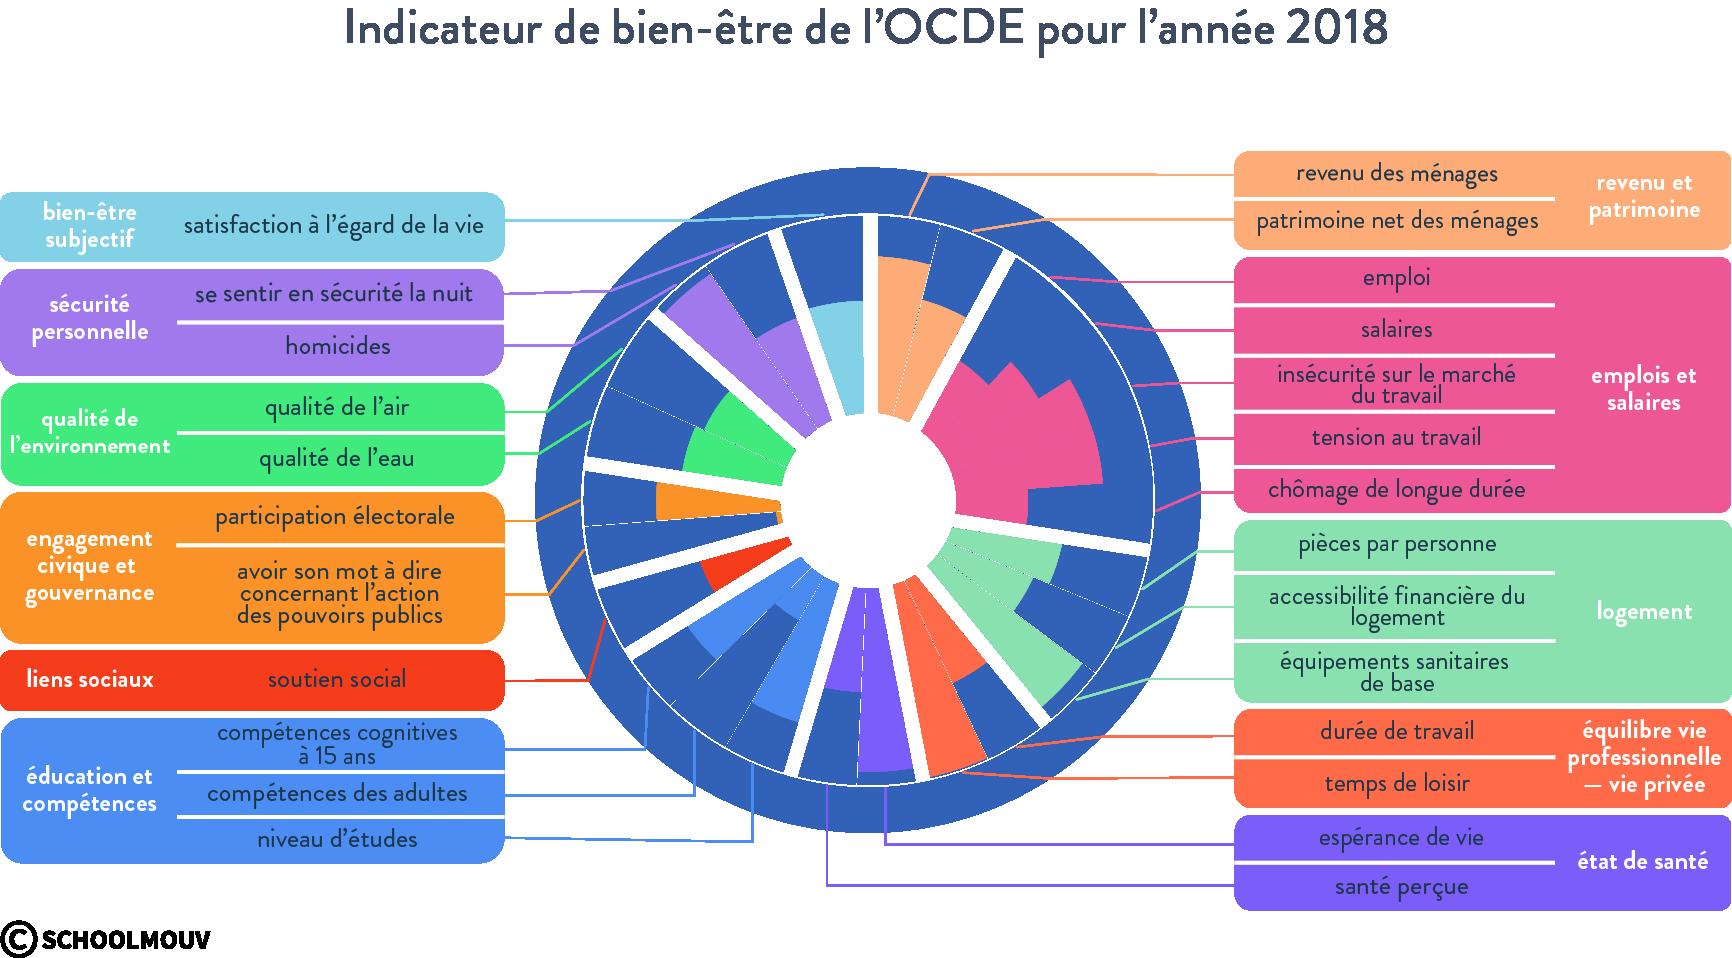 Indicateur de bien-être OCDE 2018